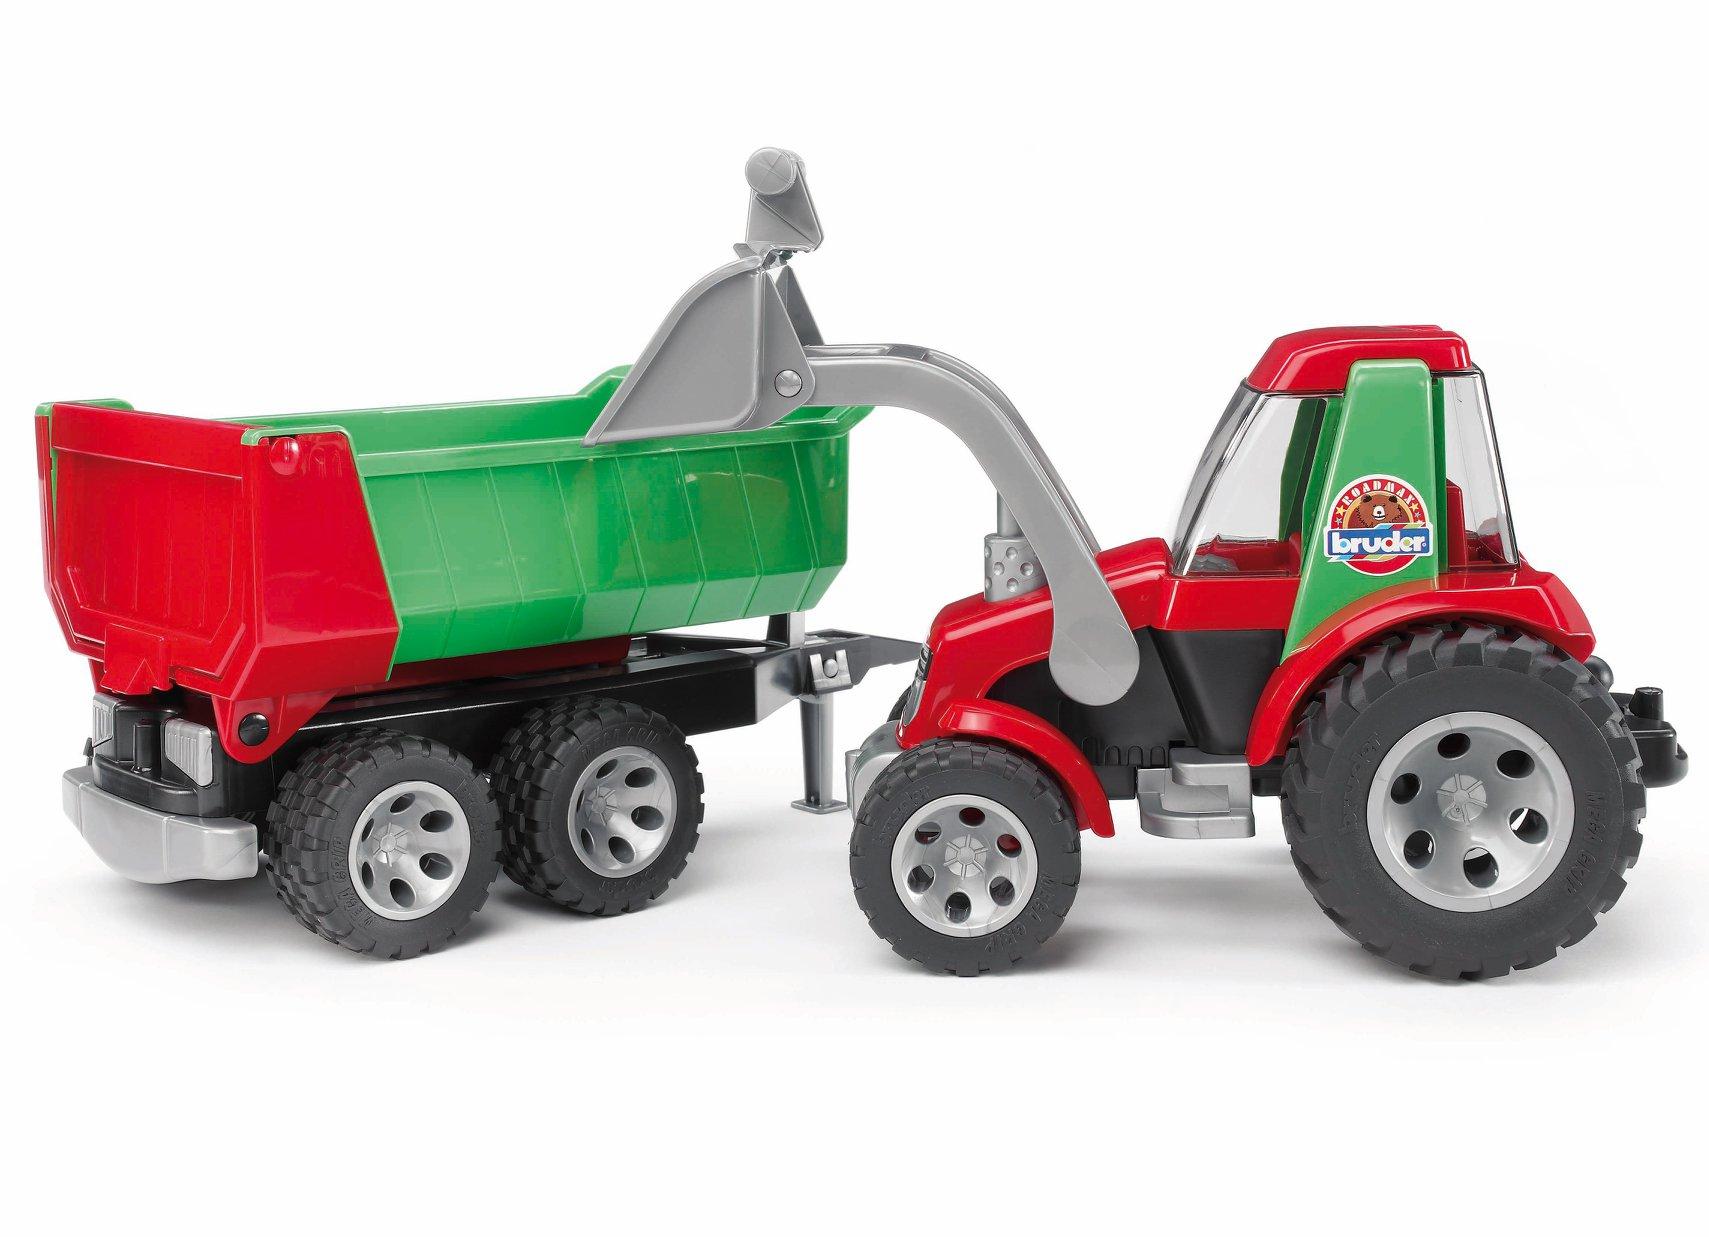 Bruder RoadMax tractor met aanhanger (20116)